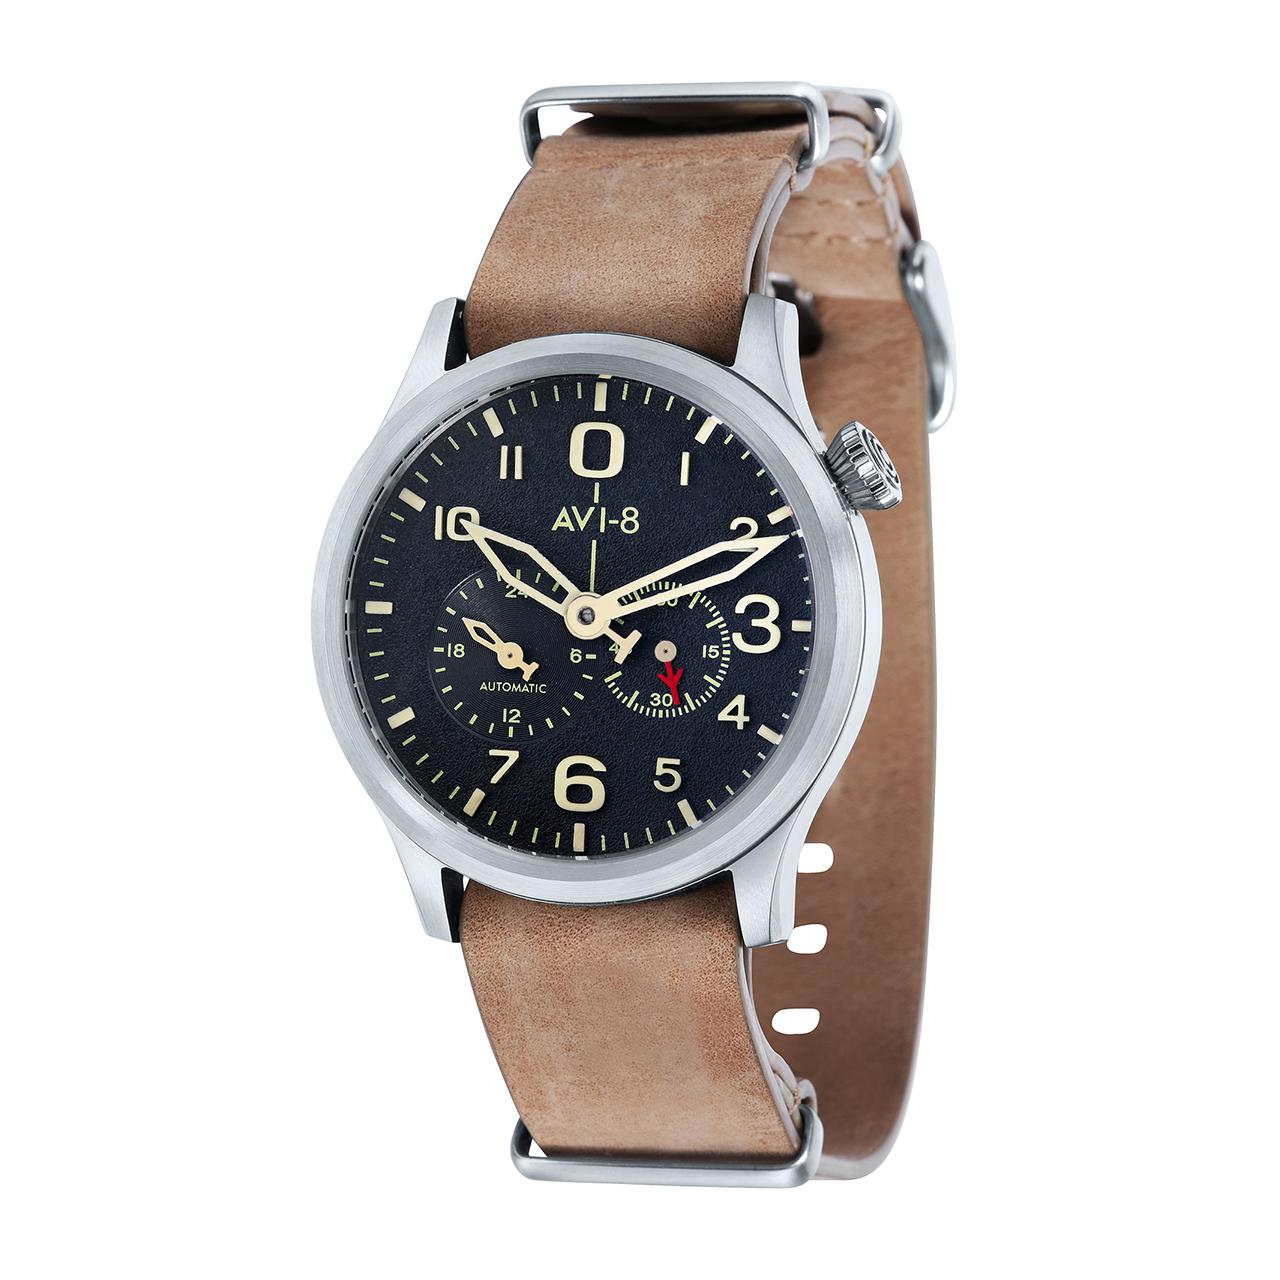 ساعت مچی عقربه ای مردانه ای وی-8 مدل AV-4048-02 50